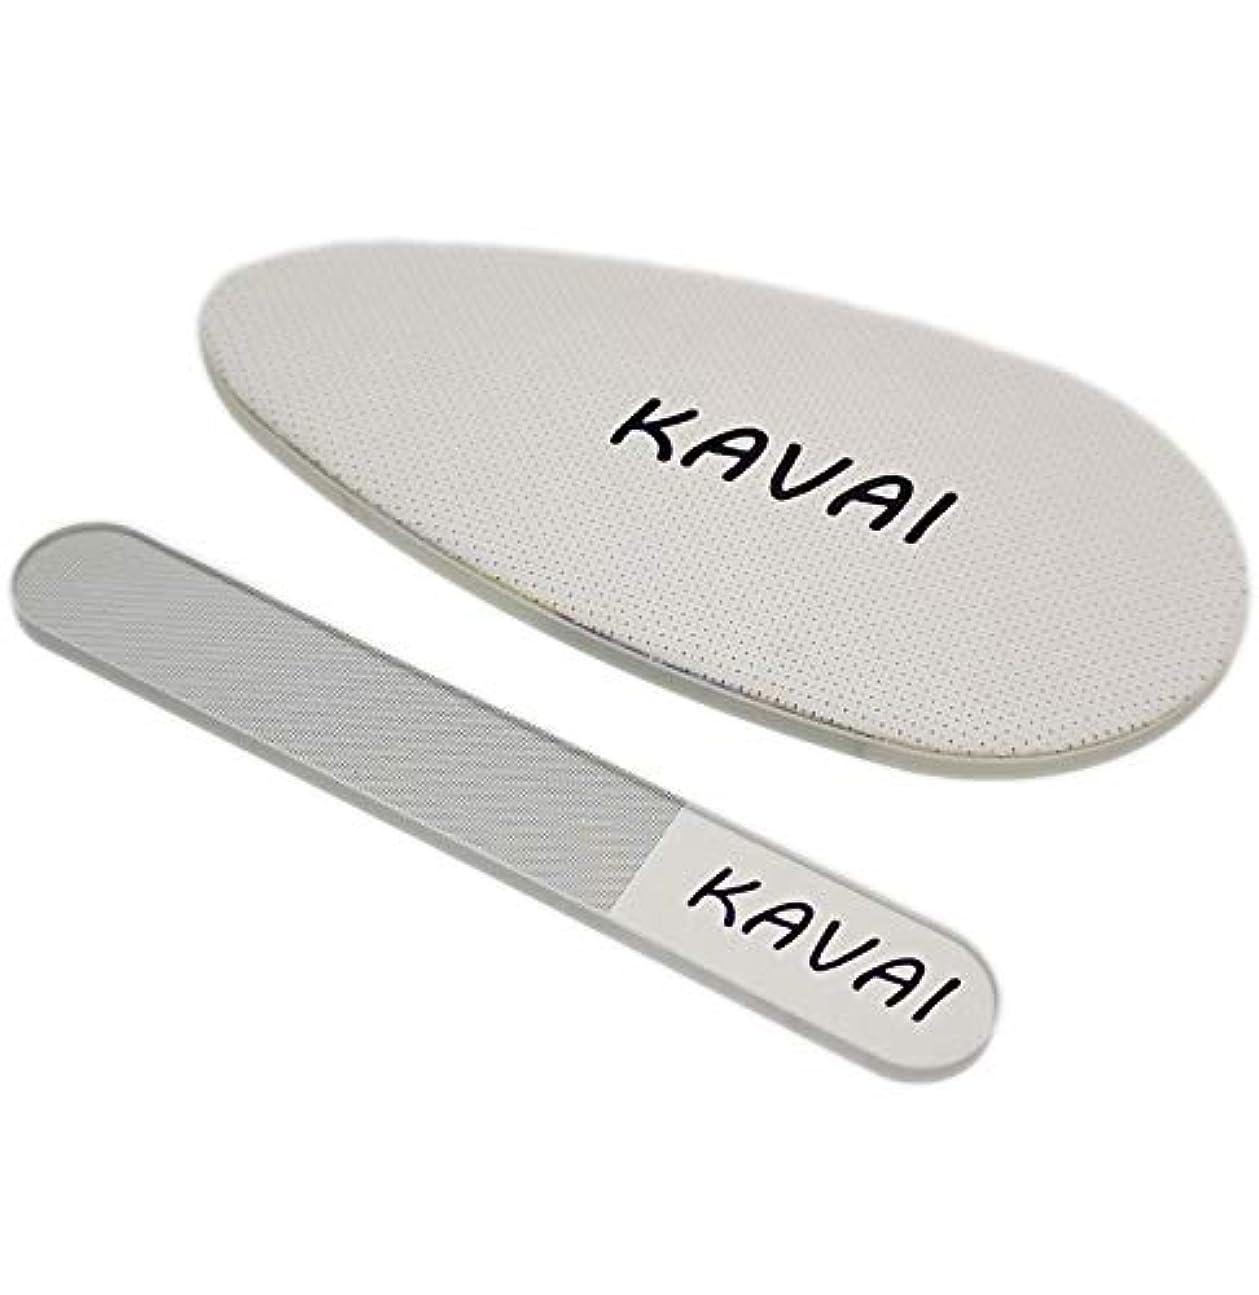 品活気づける多様なKavai かかと削り, かかと 角質取り ガラス, ガラス製かかとやすり 足 かかと削り かかと削り かかと磨き ガラス製 爪やすり (爪やすり)